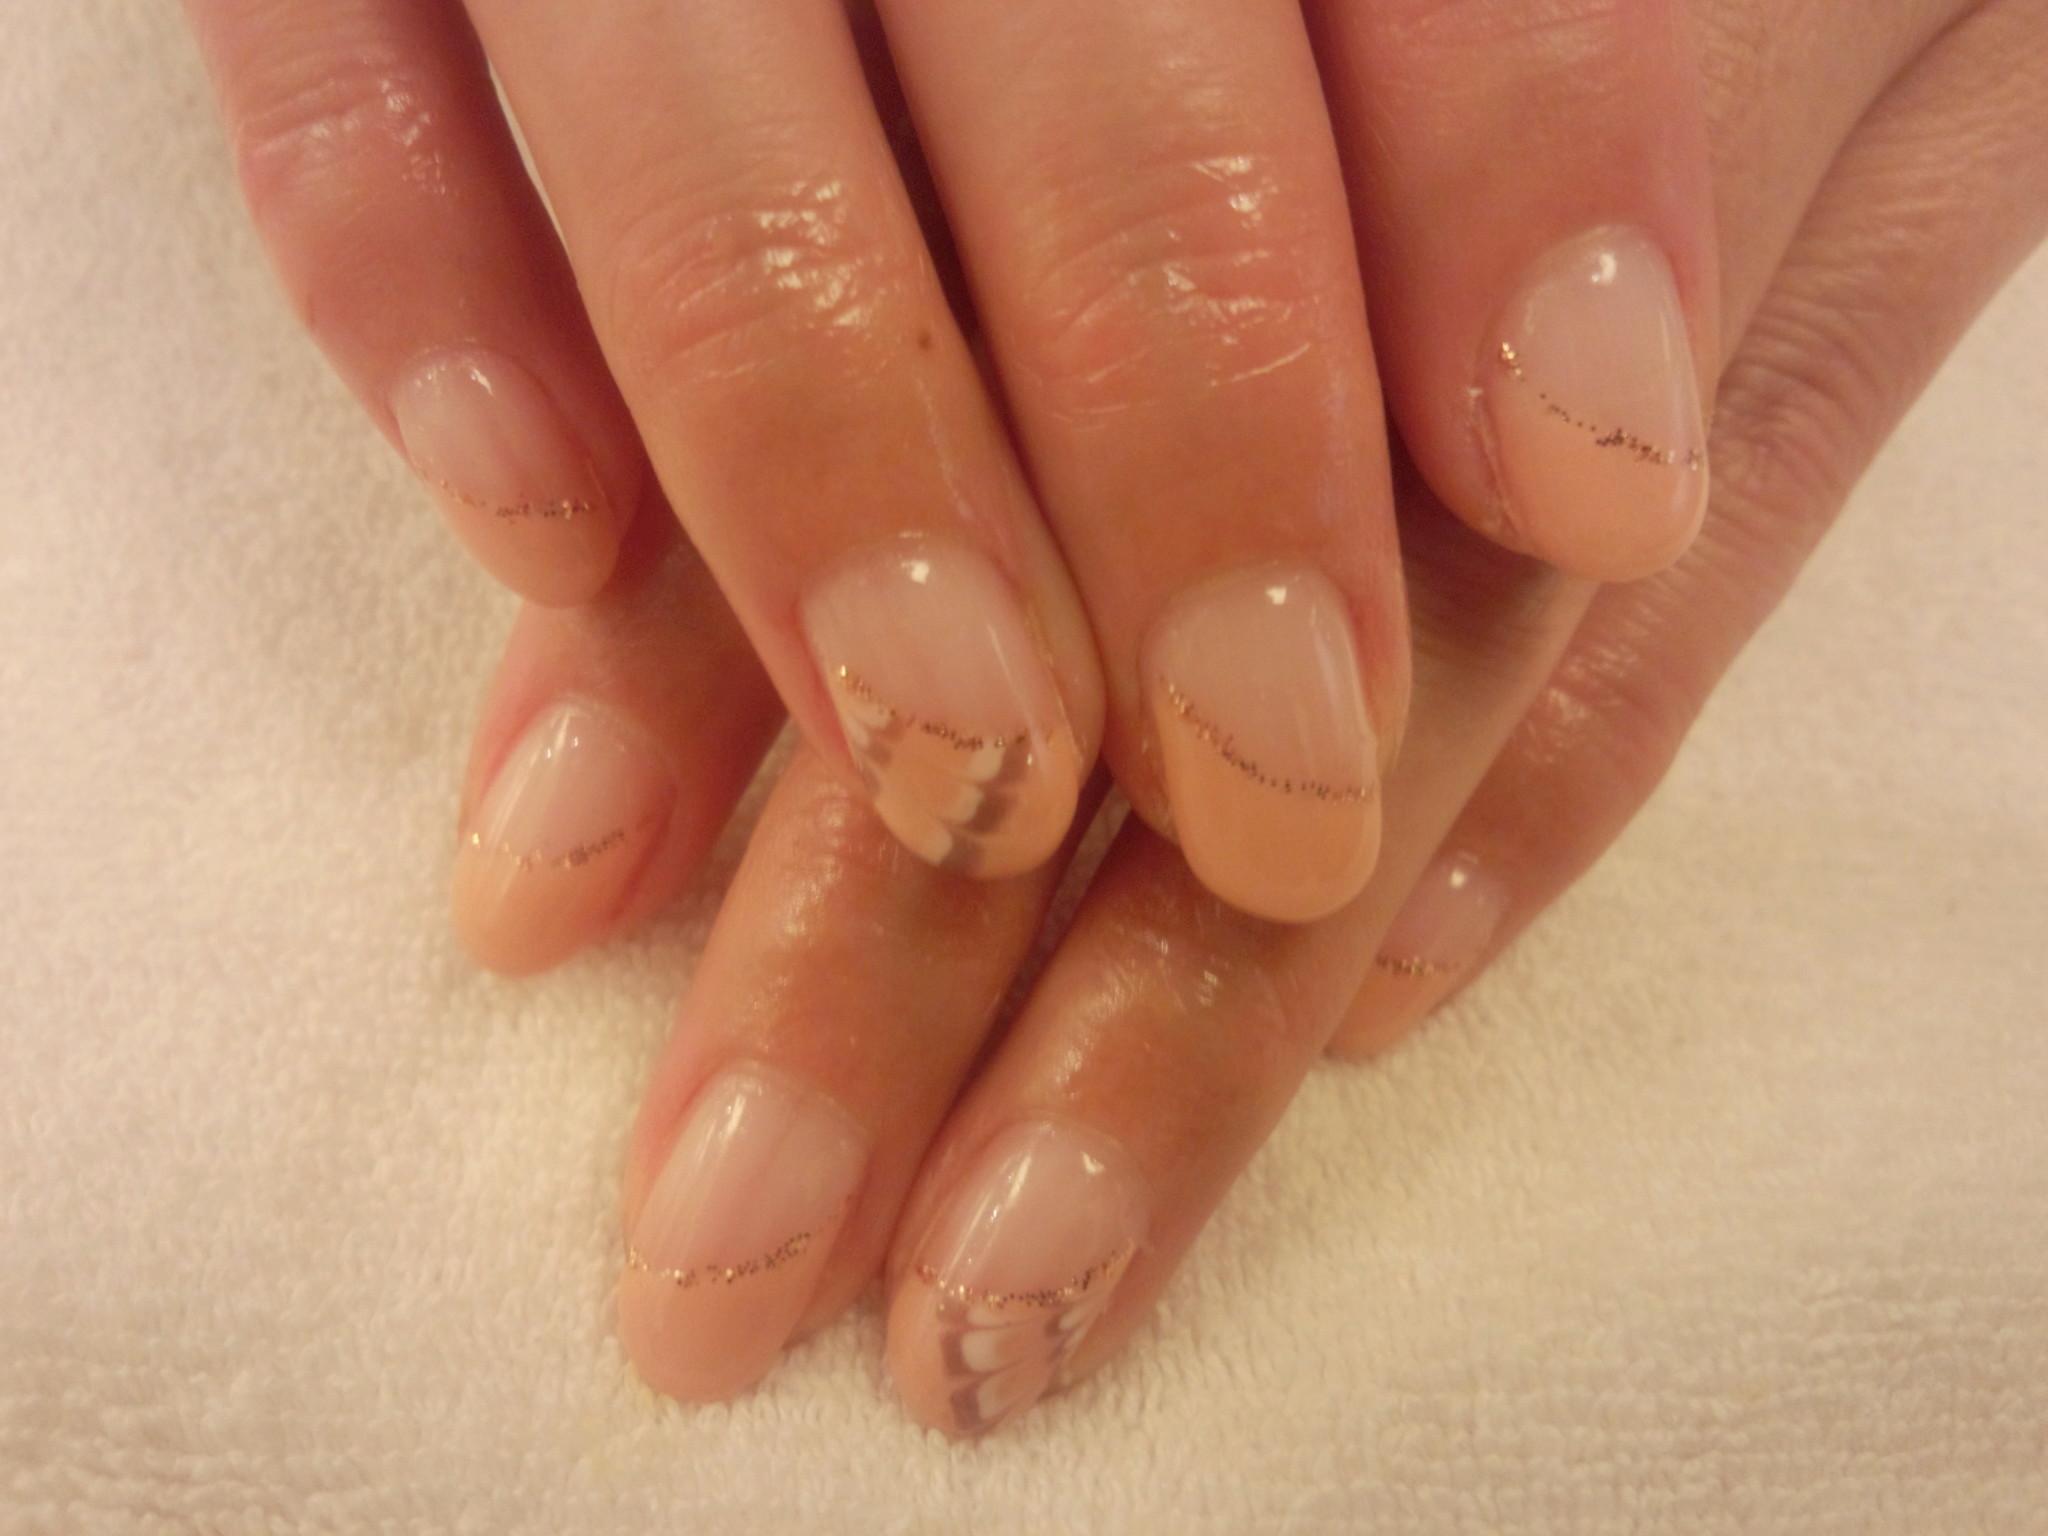 ピーコック柄ネイル 春 ネイル ジェルネイル ピンク フレンチ 斜めフレンチ 大宮 ネイルサロン 上品